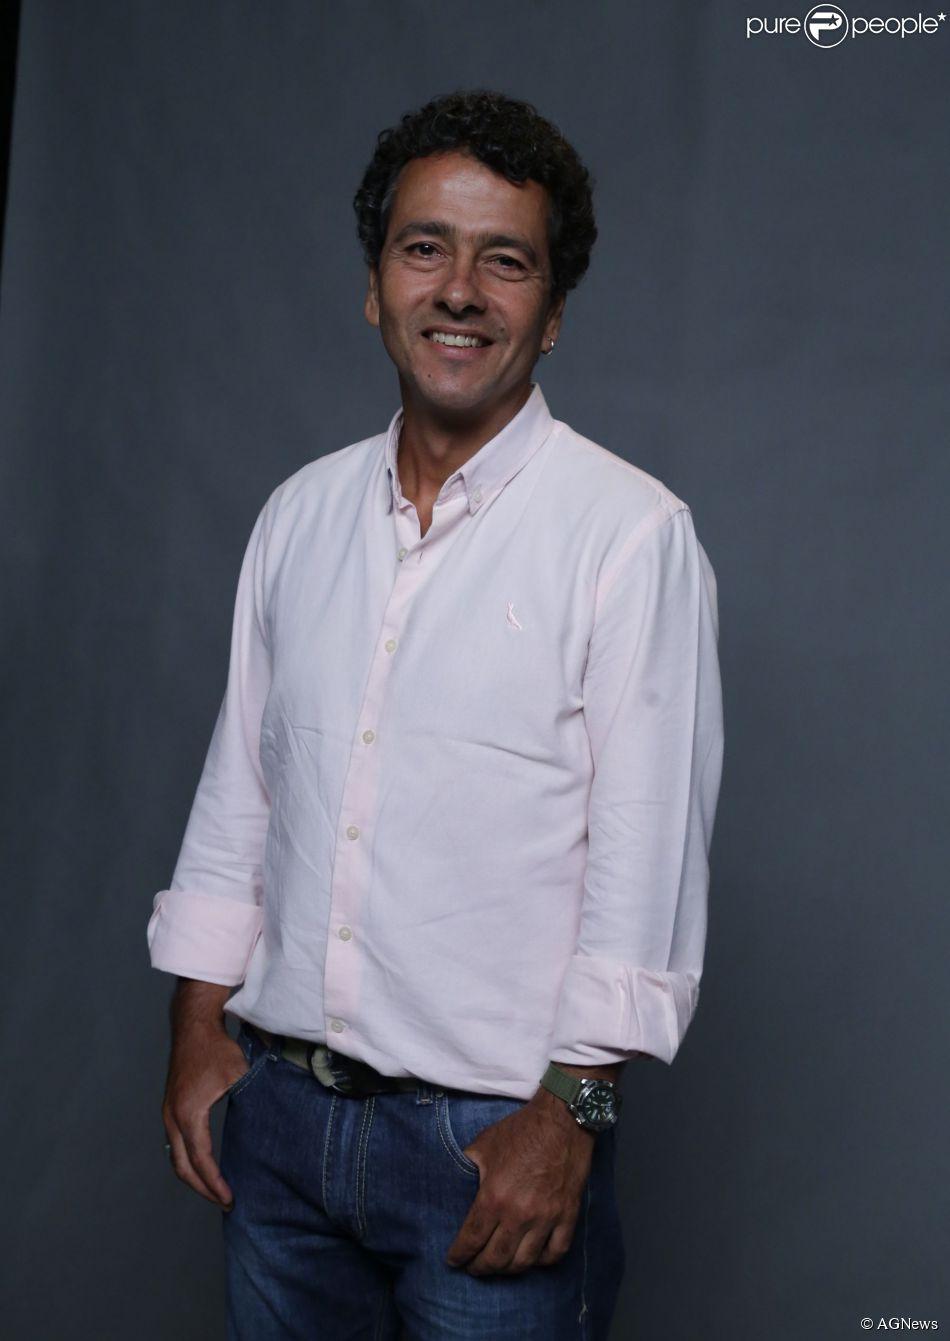 Marcos Palmeira descarta carreira política: 'Não conseguiria lidar com corrupto'